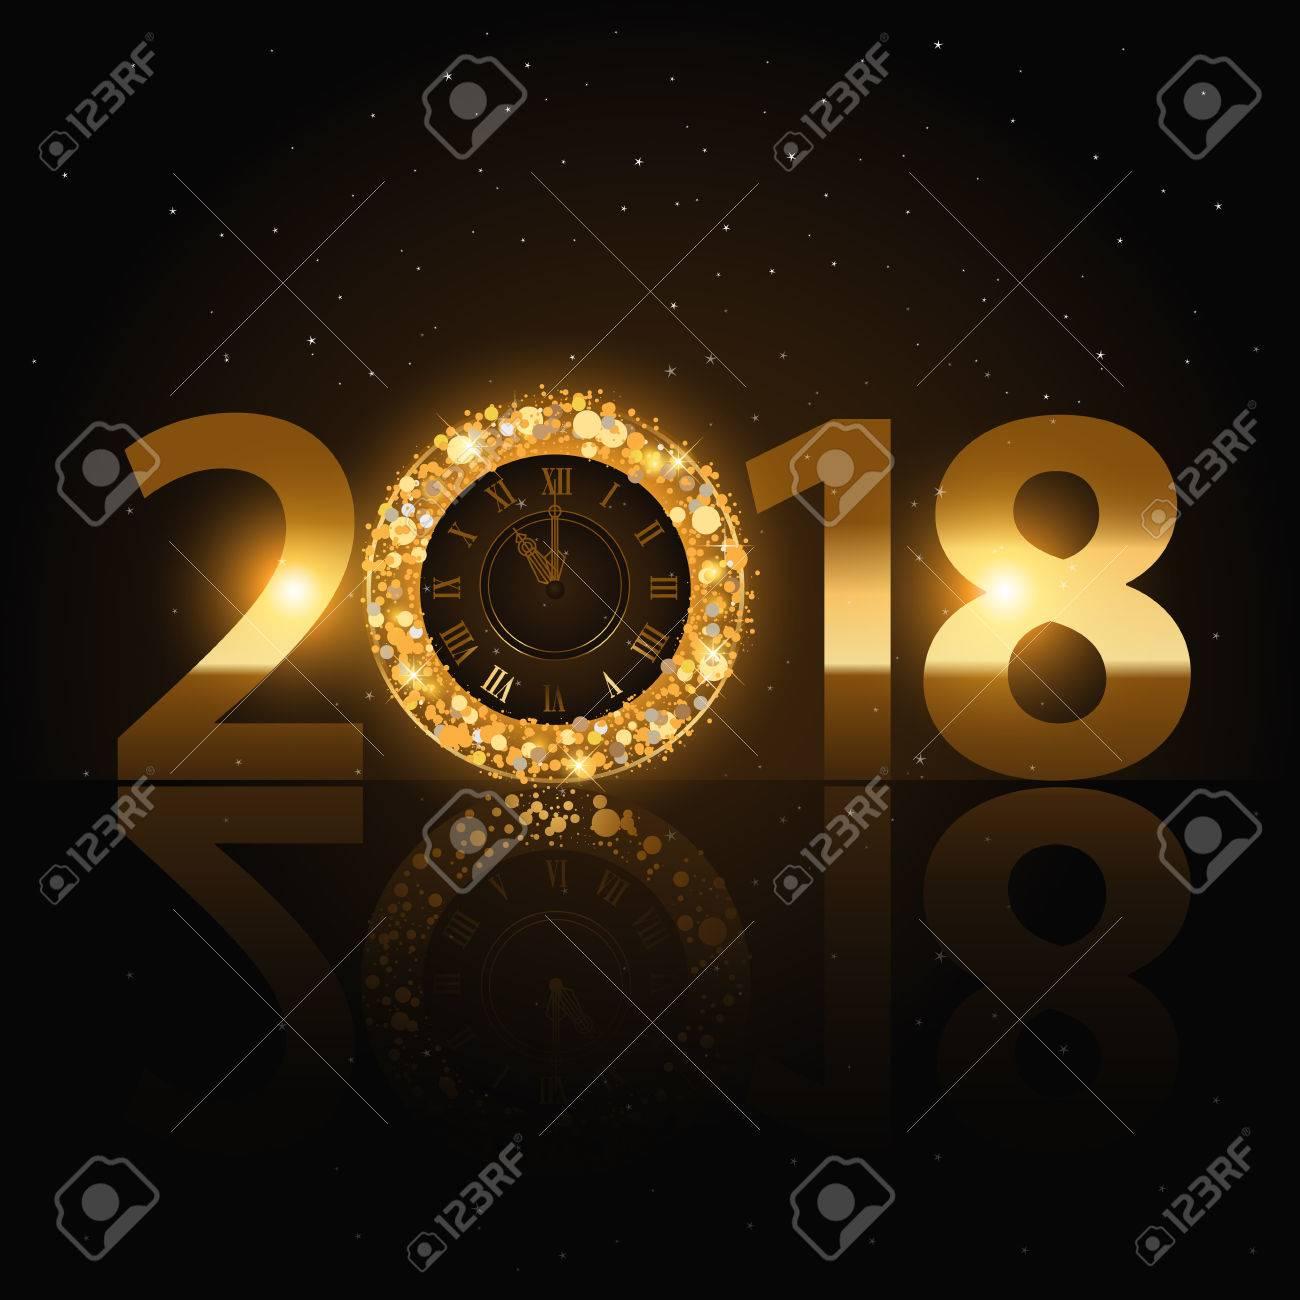 Feliz Año Nuevo 2018 Cartas De Oro Con Reloj Ilustraciones